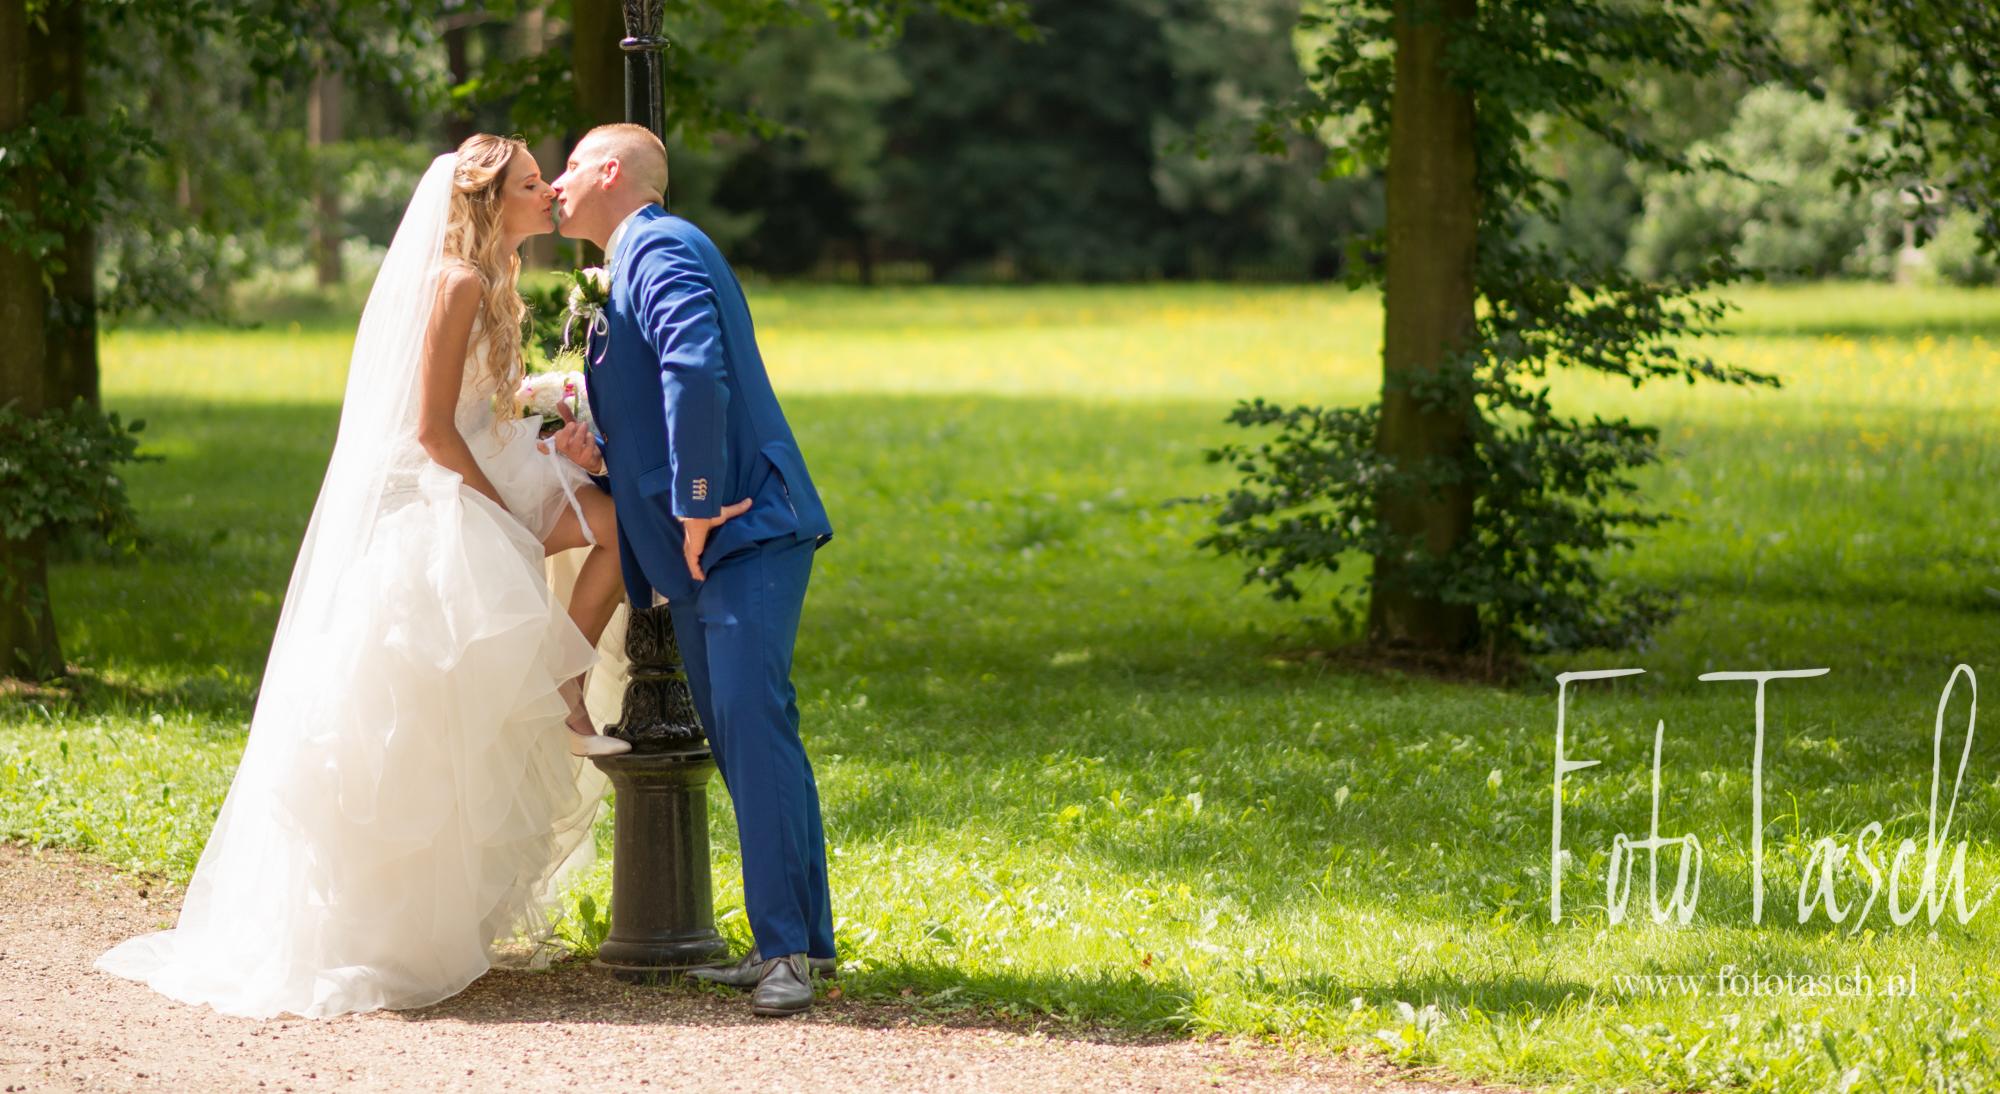 bruidspaar-bar-webbestanden-fototasch-374